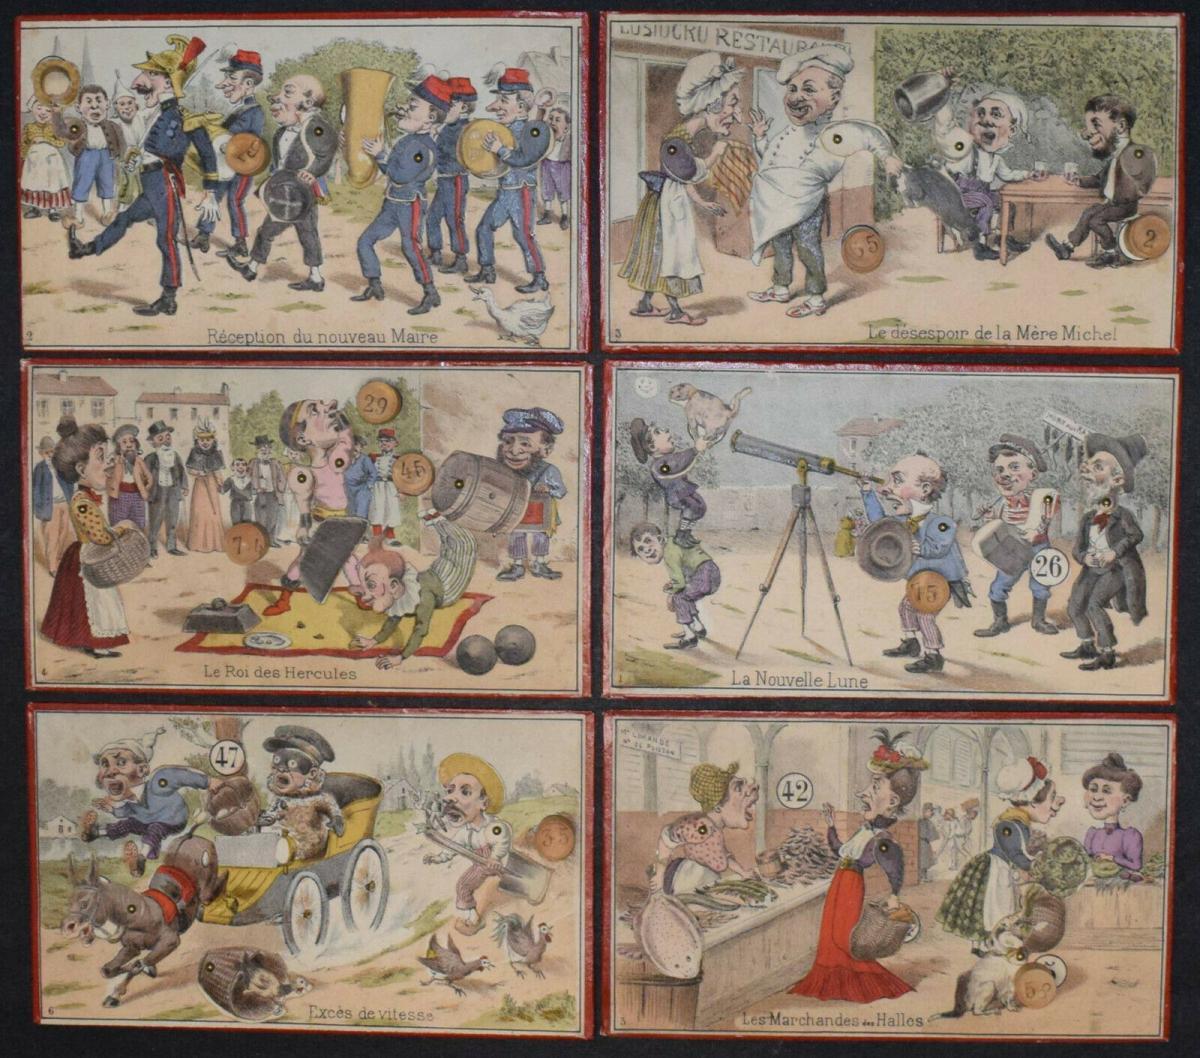 UNGEWÖHNLICH SCHÖNES UND ORIGINELLES LOTTO-SPIEL UM 1870 - LOTTO ANIMÉ 2